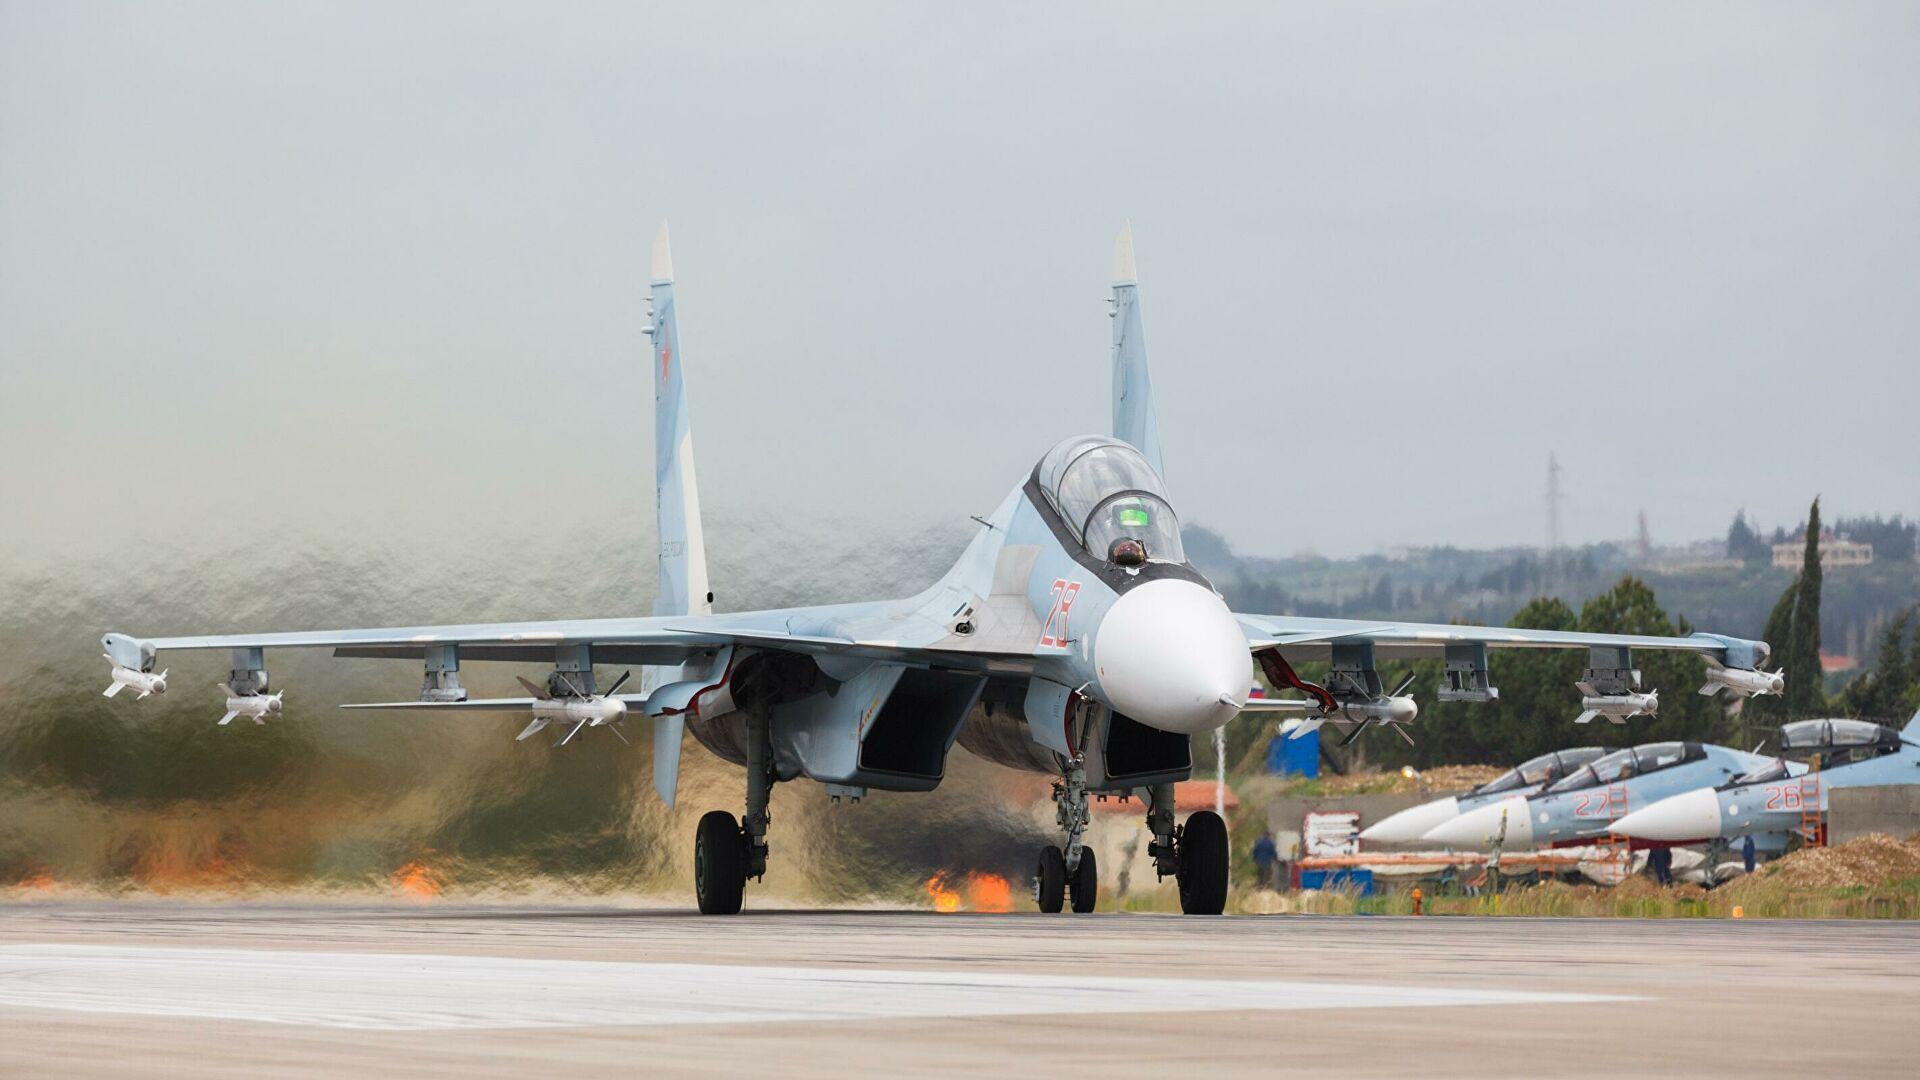 У руску базу Хмеимим у Сирији сада могу да слете све врсте авиона